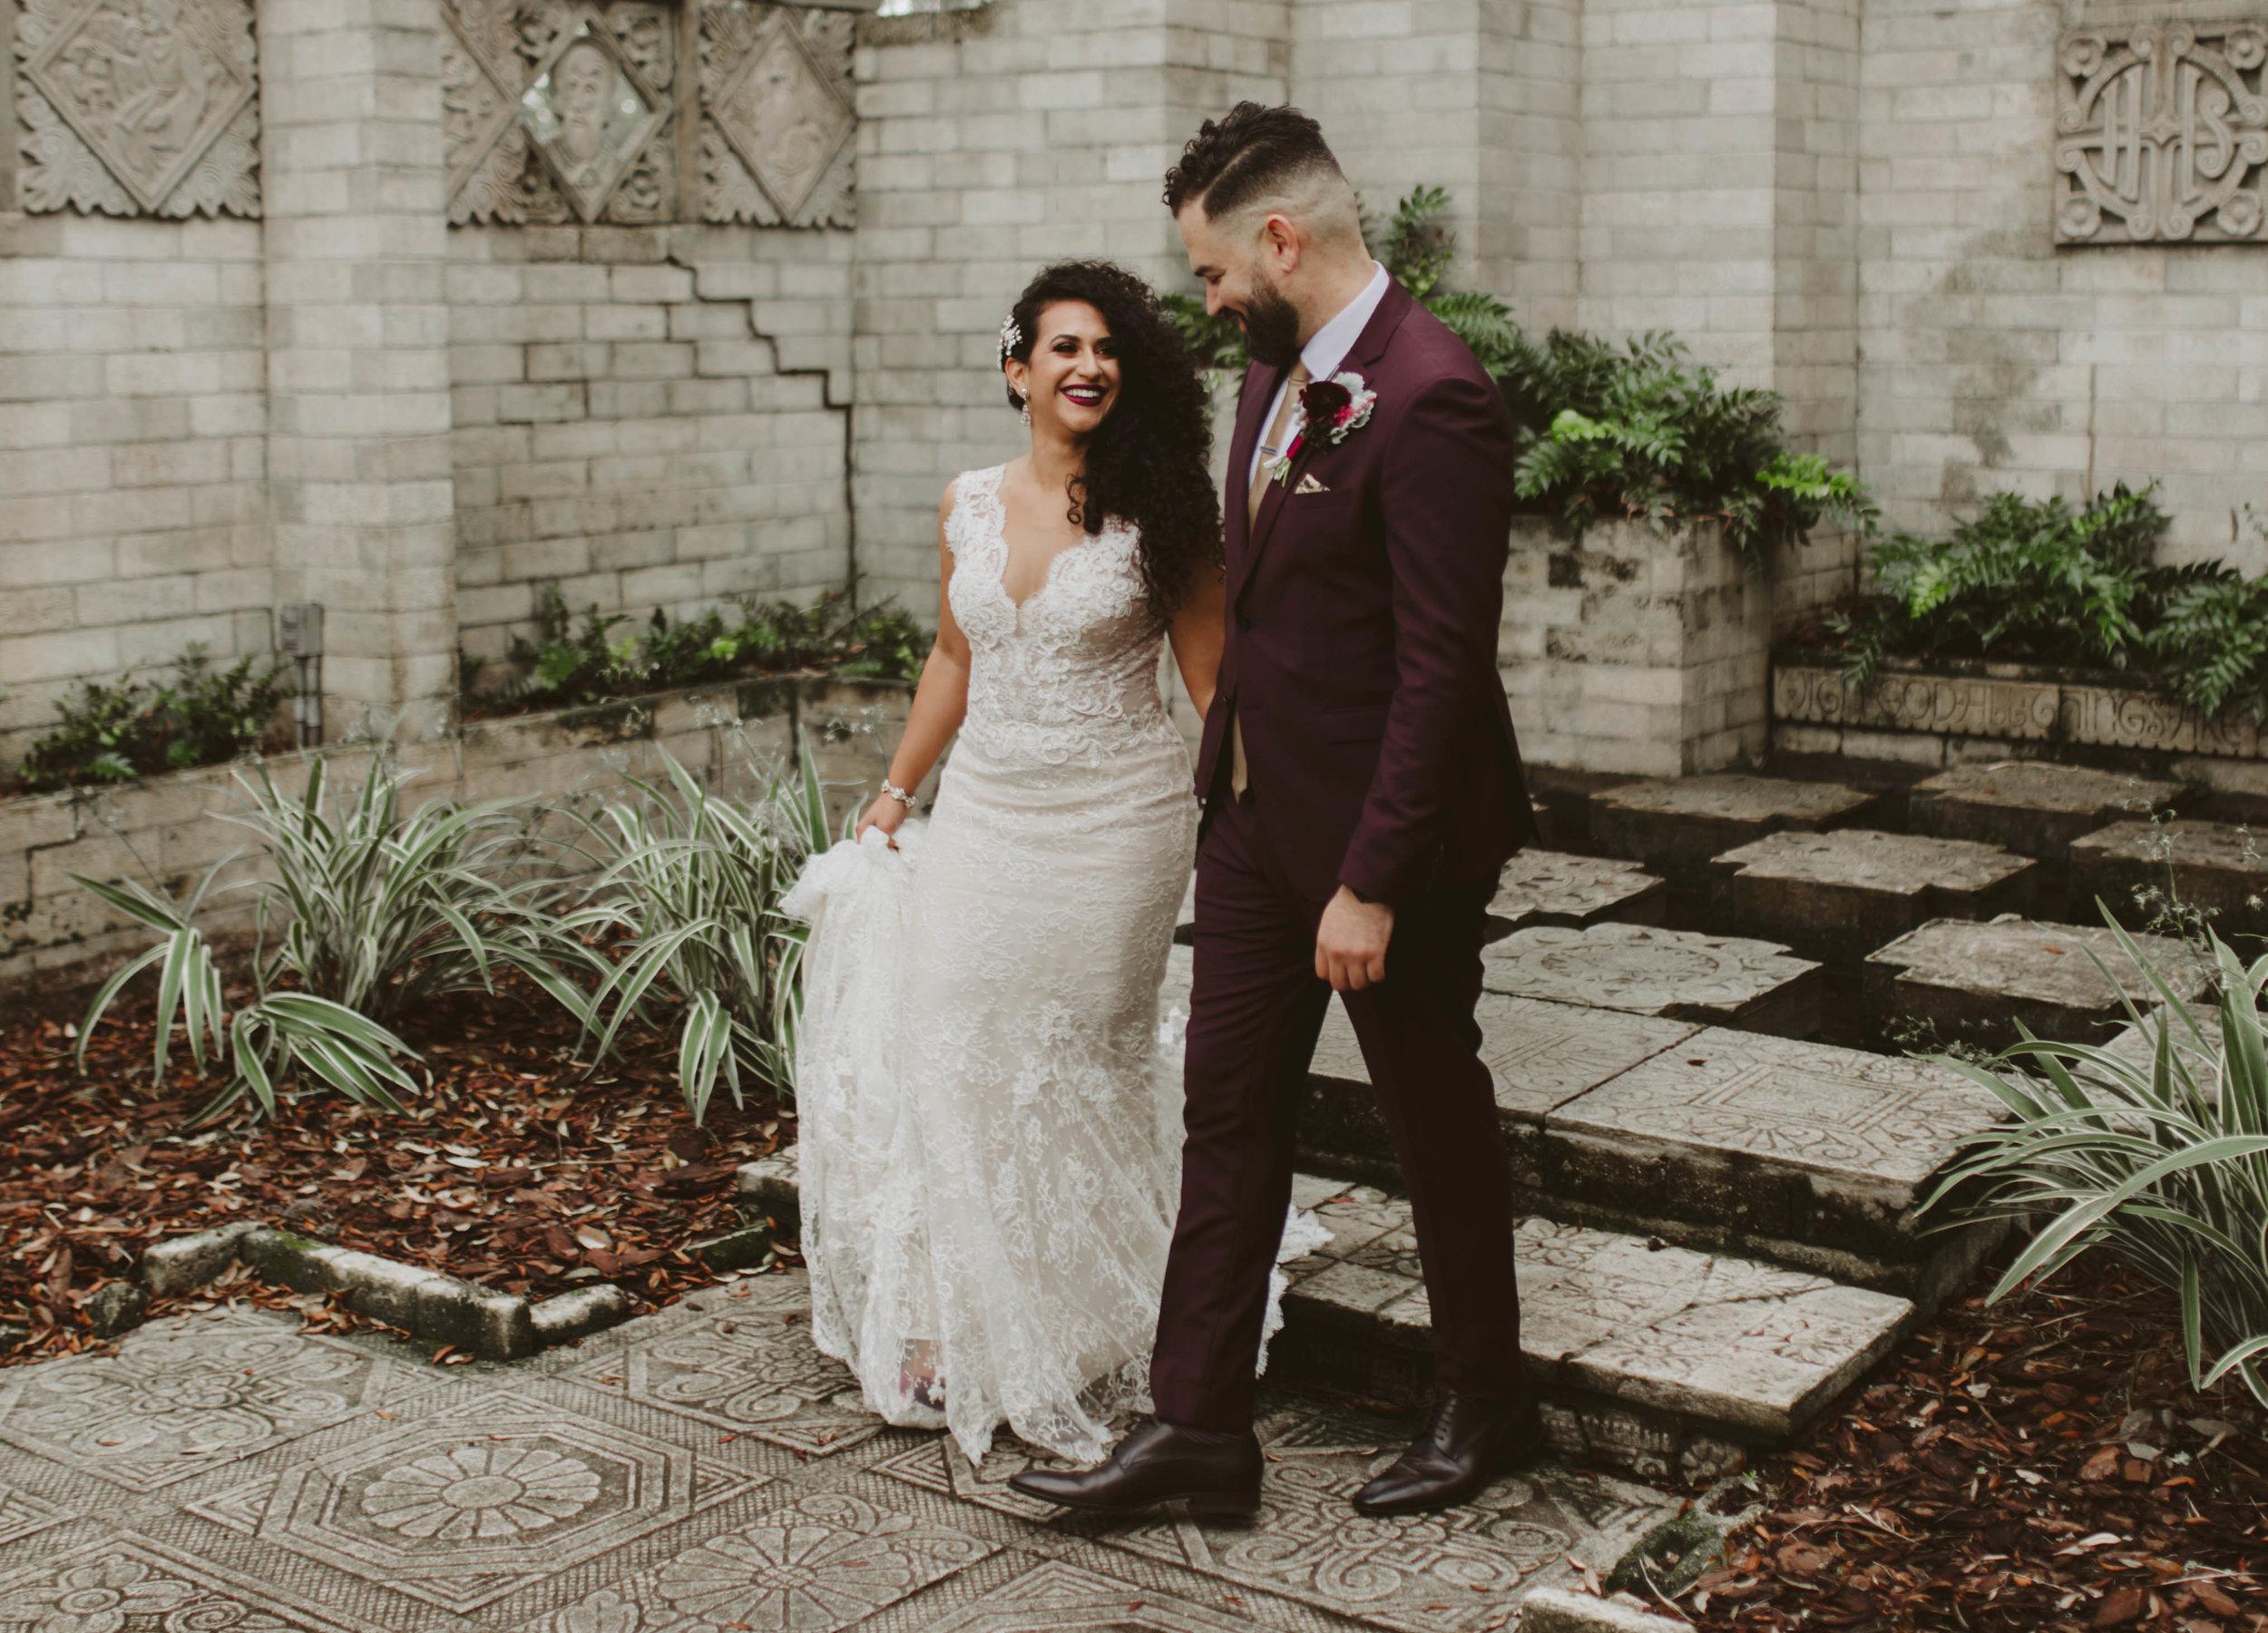 Wedding | Maitland Arts Center | Chepe and Patty | Vanessa Boy | vanessaboy.com-136.jpg